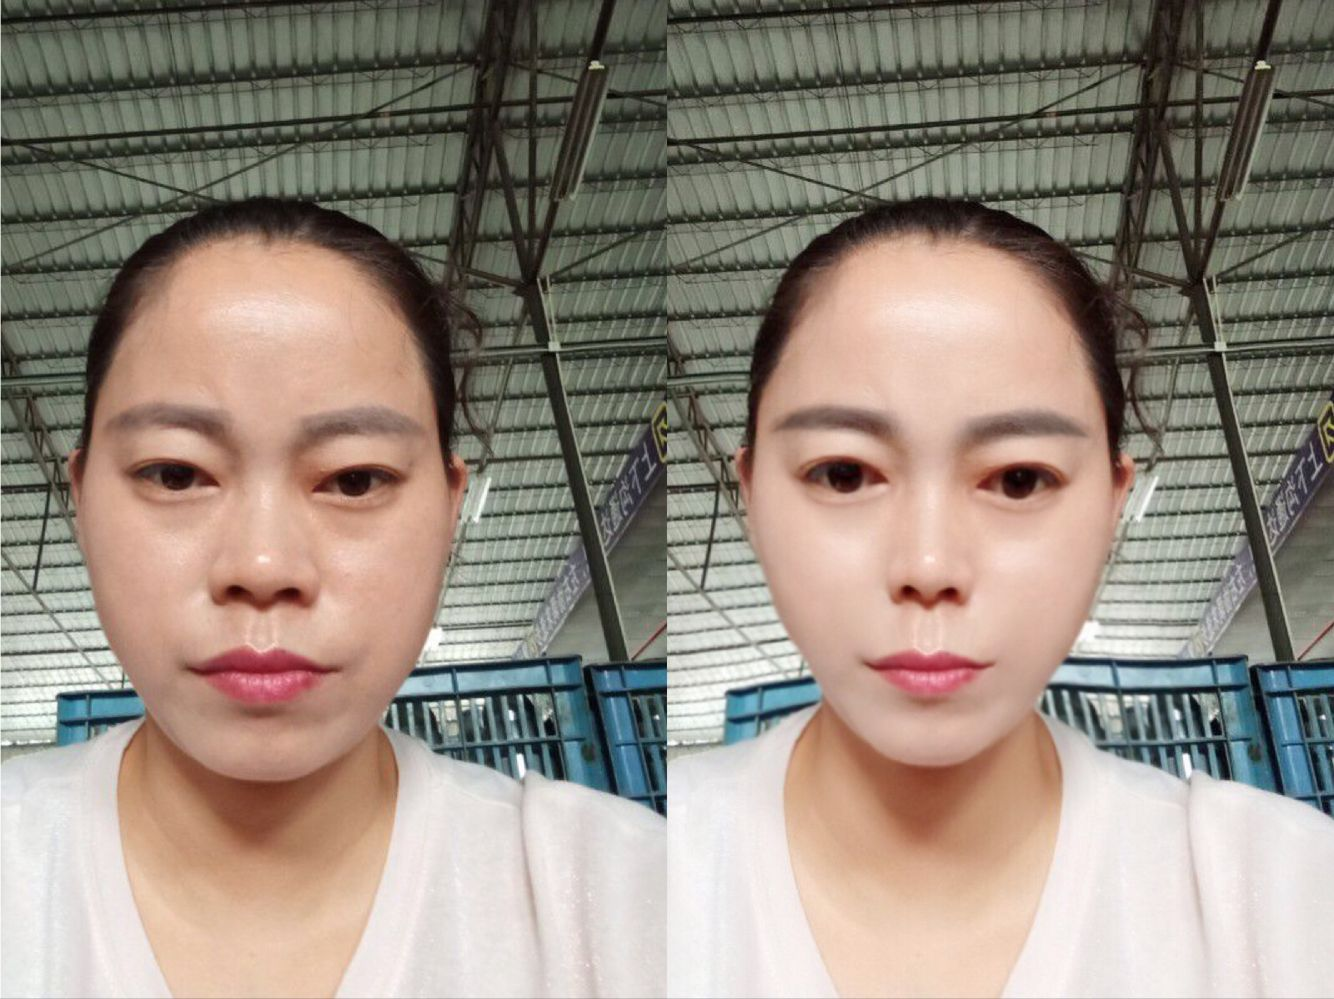 模拟面部吸脂+假体隆鼻效果图